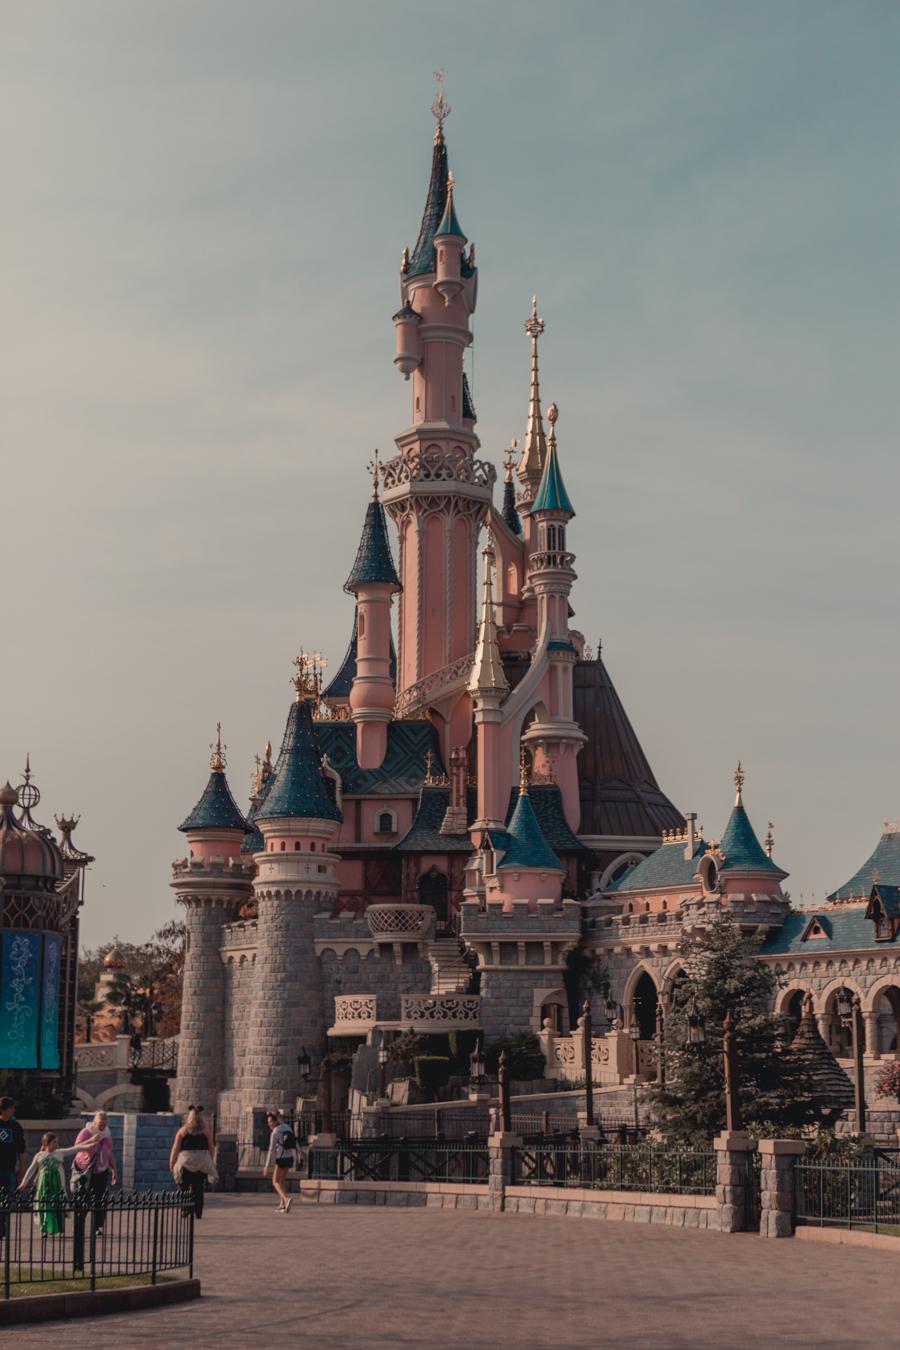 The Castle At Disneyland Paris Monalogue